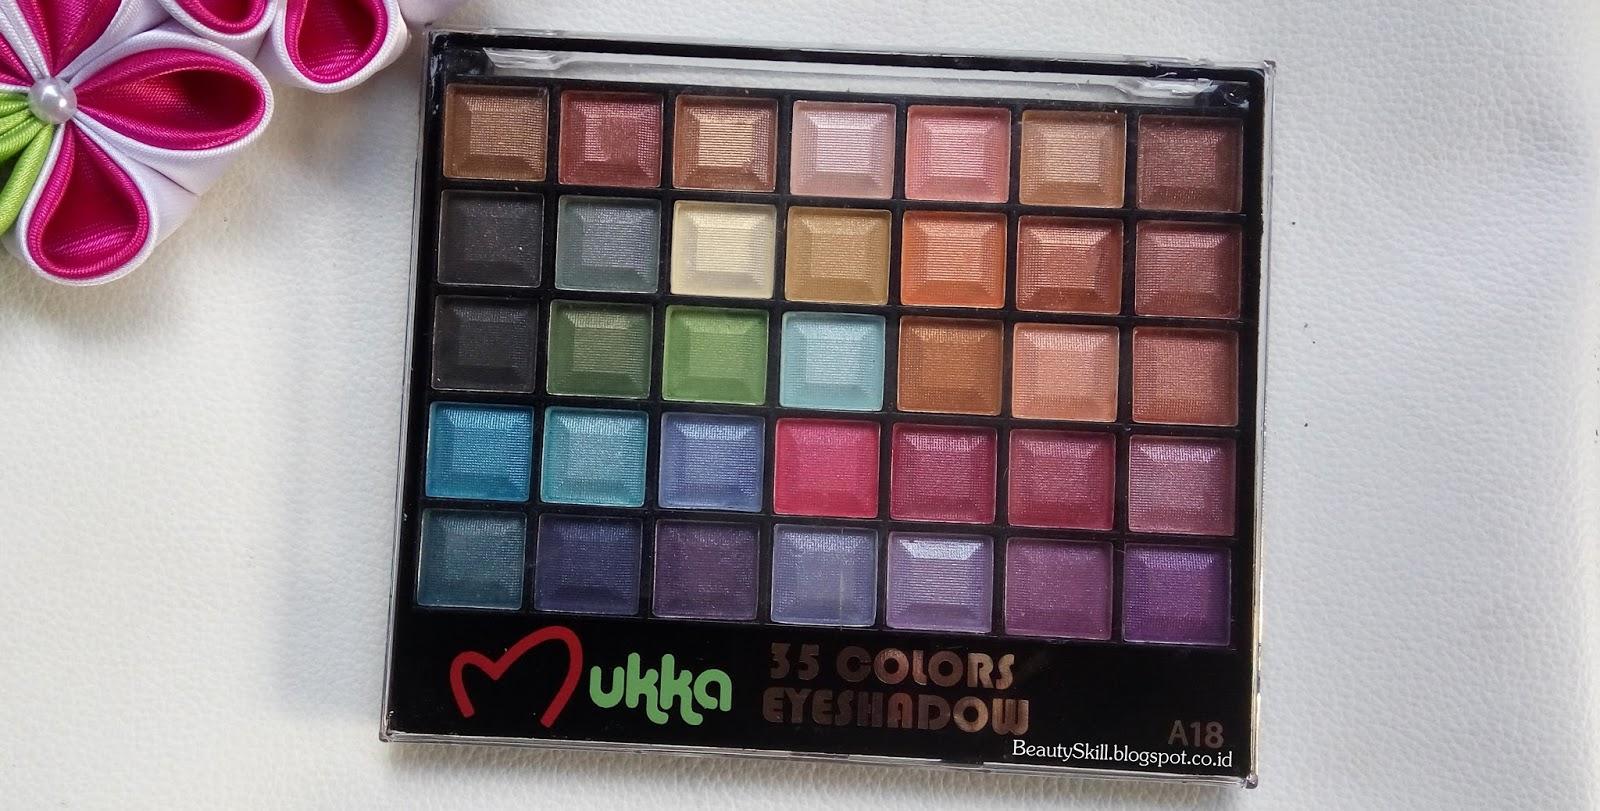 Eye Shadow Palette Mukka A 18 35 Warna Spec Dan Daftar Harga 7016 Nah Ini Adalah Kemasan Eyeshadownya Sebelum Dibuka Sudah Terlihat Yang Cantik Menanti